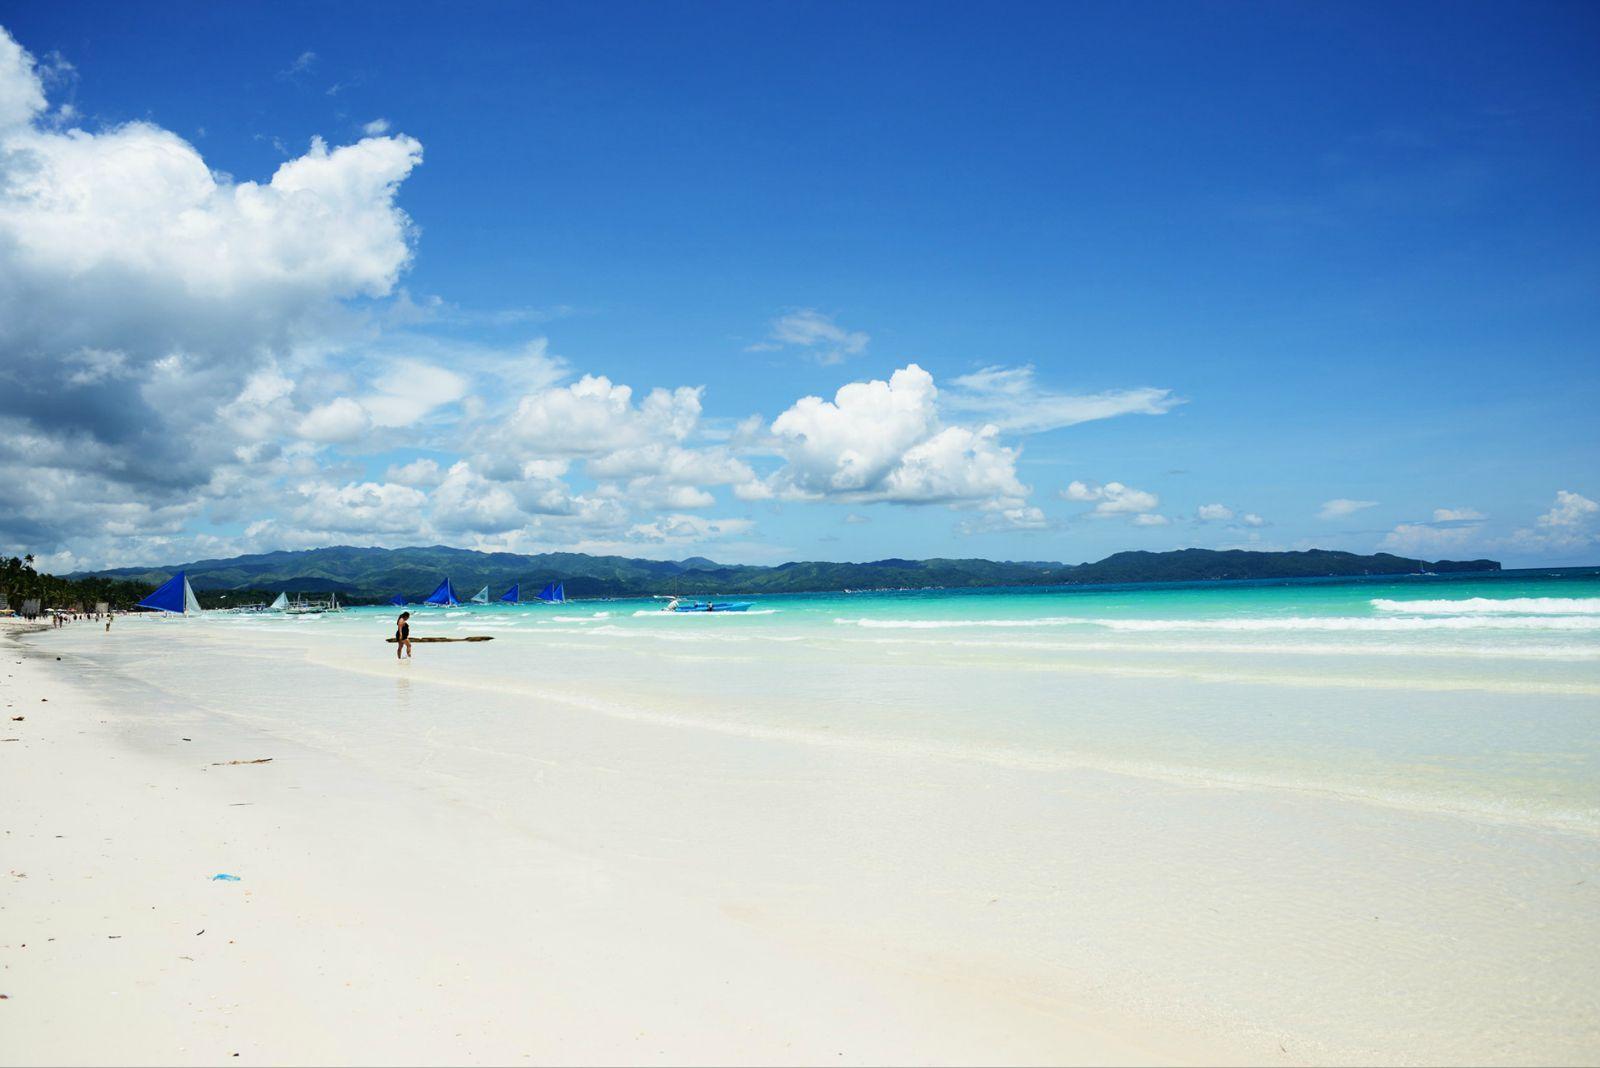 菲律賓長灘島攻略-經濟潛水度假好去處